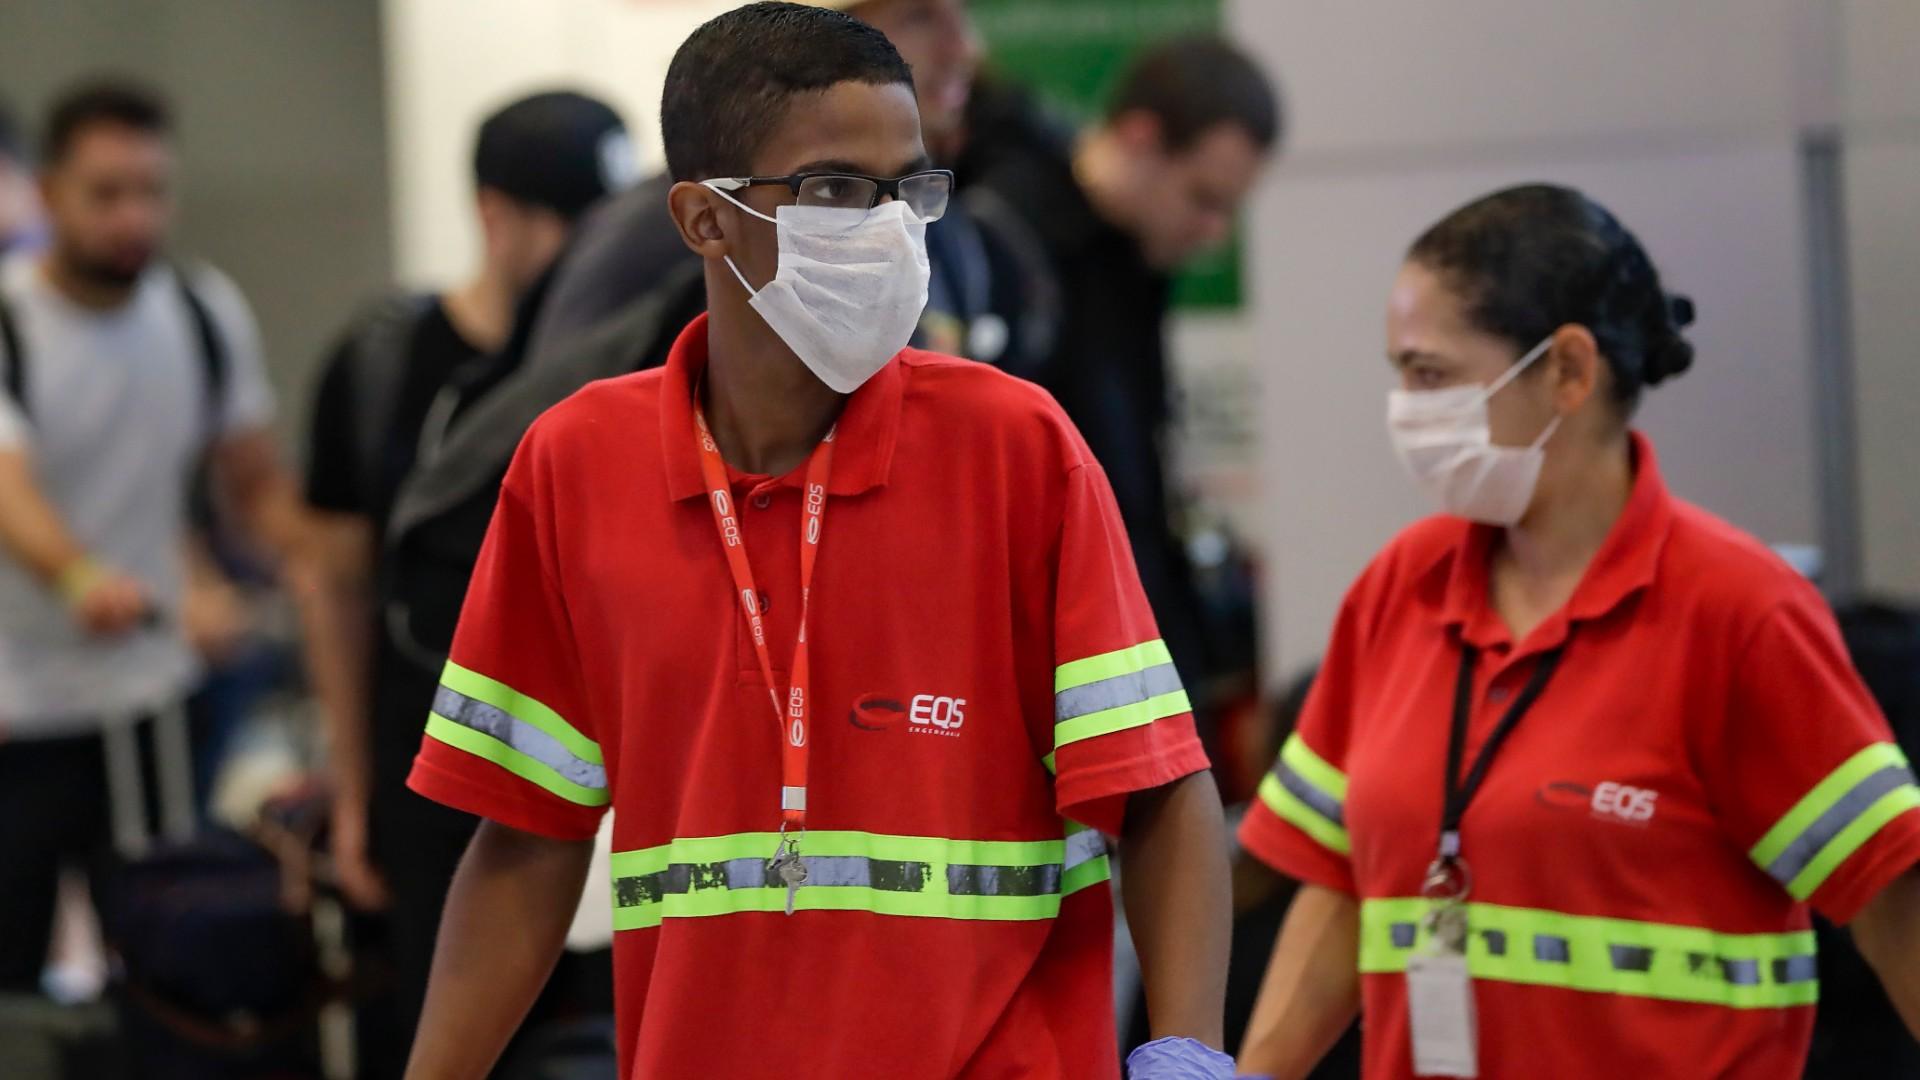 Brasil: afirman que una mujer murió de coronavirus un mes antes de que se detectara el primer caso